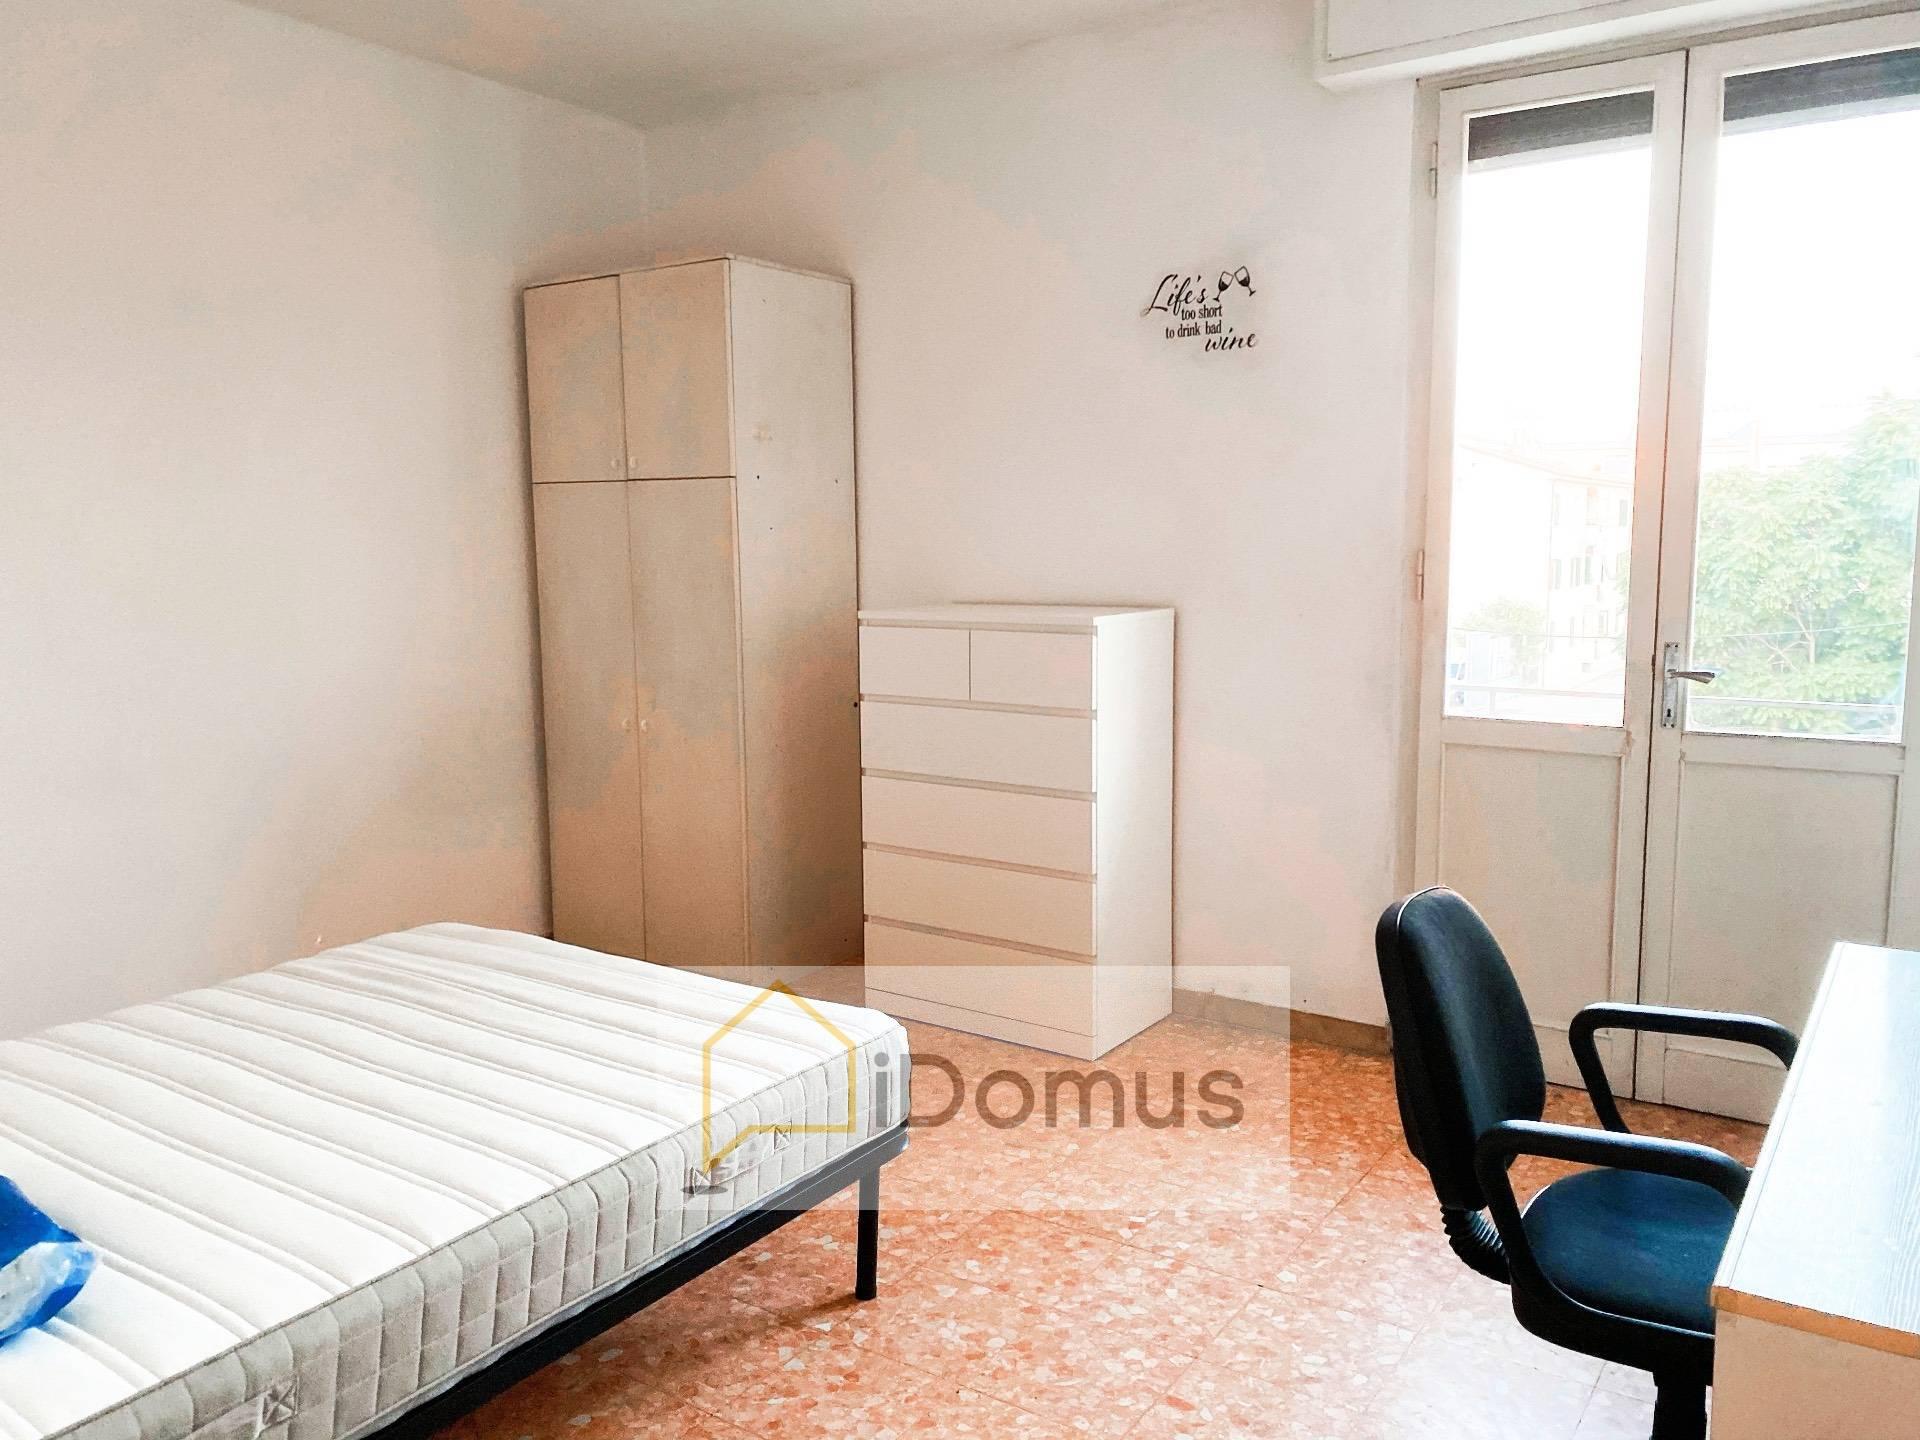 Appartamento, 85 Mq, Vendita - Pisa (Pisa)